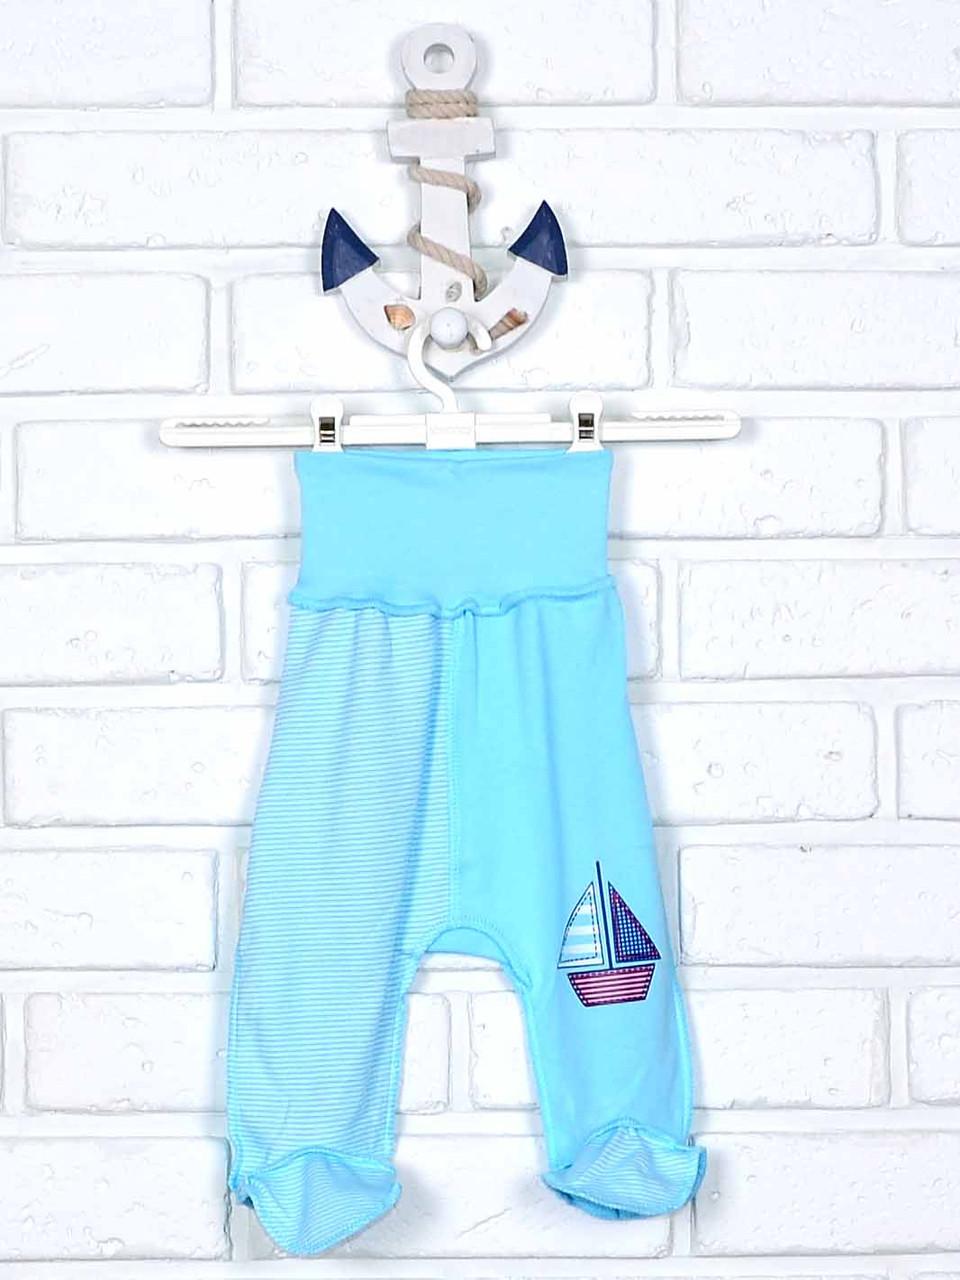 Повзунки для немовляти блакитні з аплікацією 62